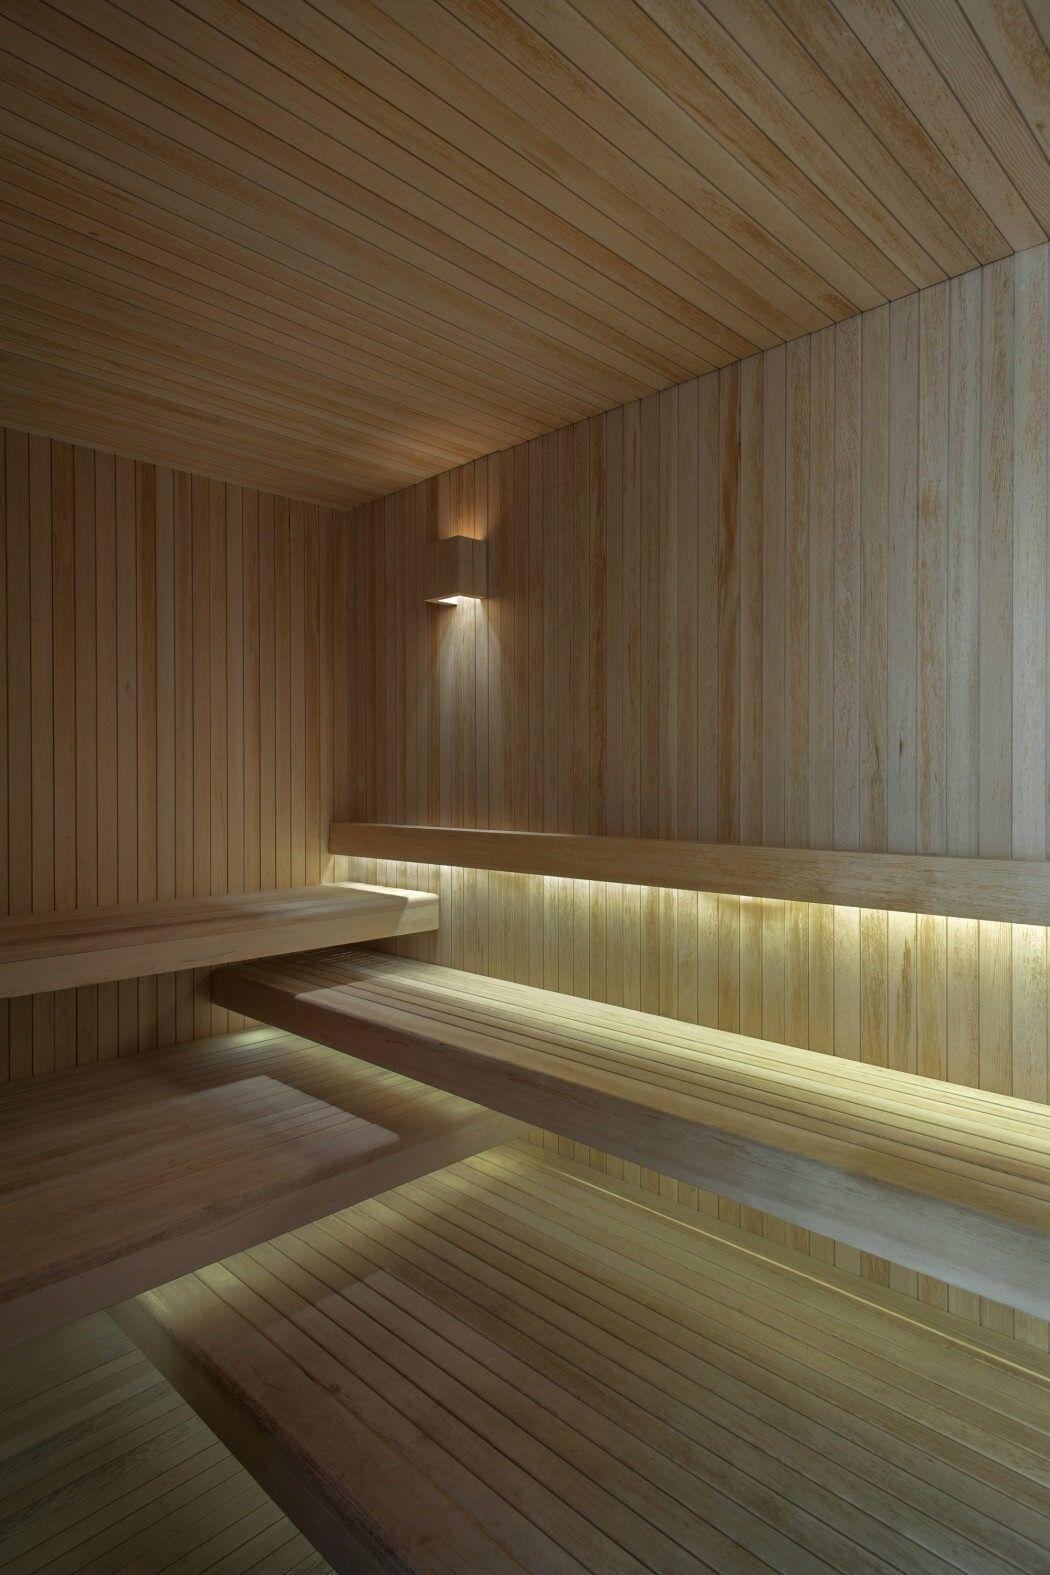 les 25 meilleures id es de la cat gorie spa sauna sur pinterest. Black Bedroom Furniture Sets. Home Design Ideas